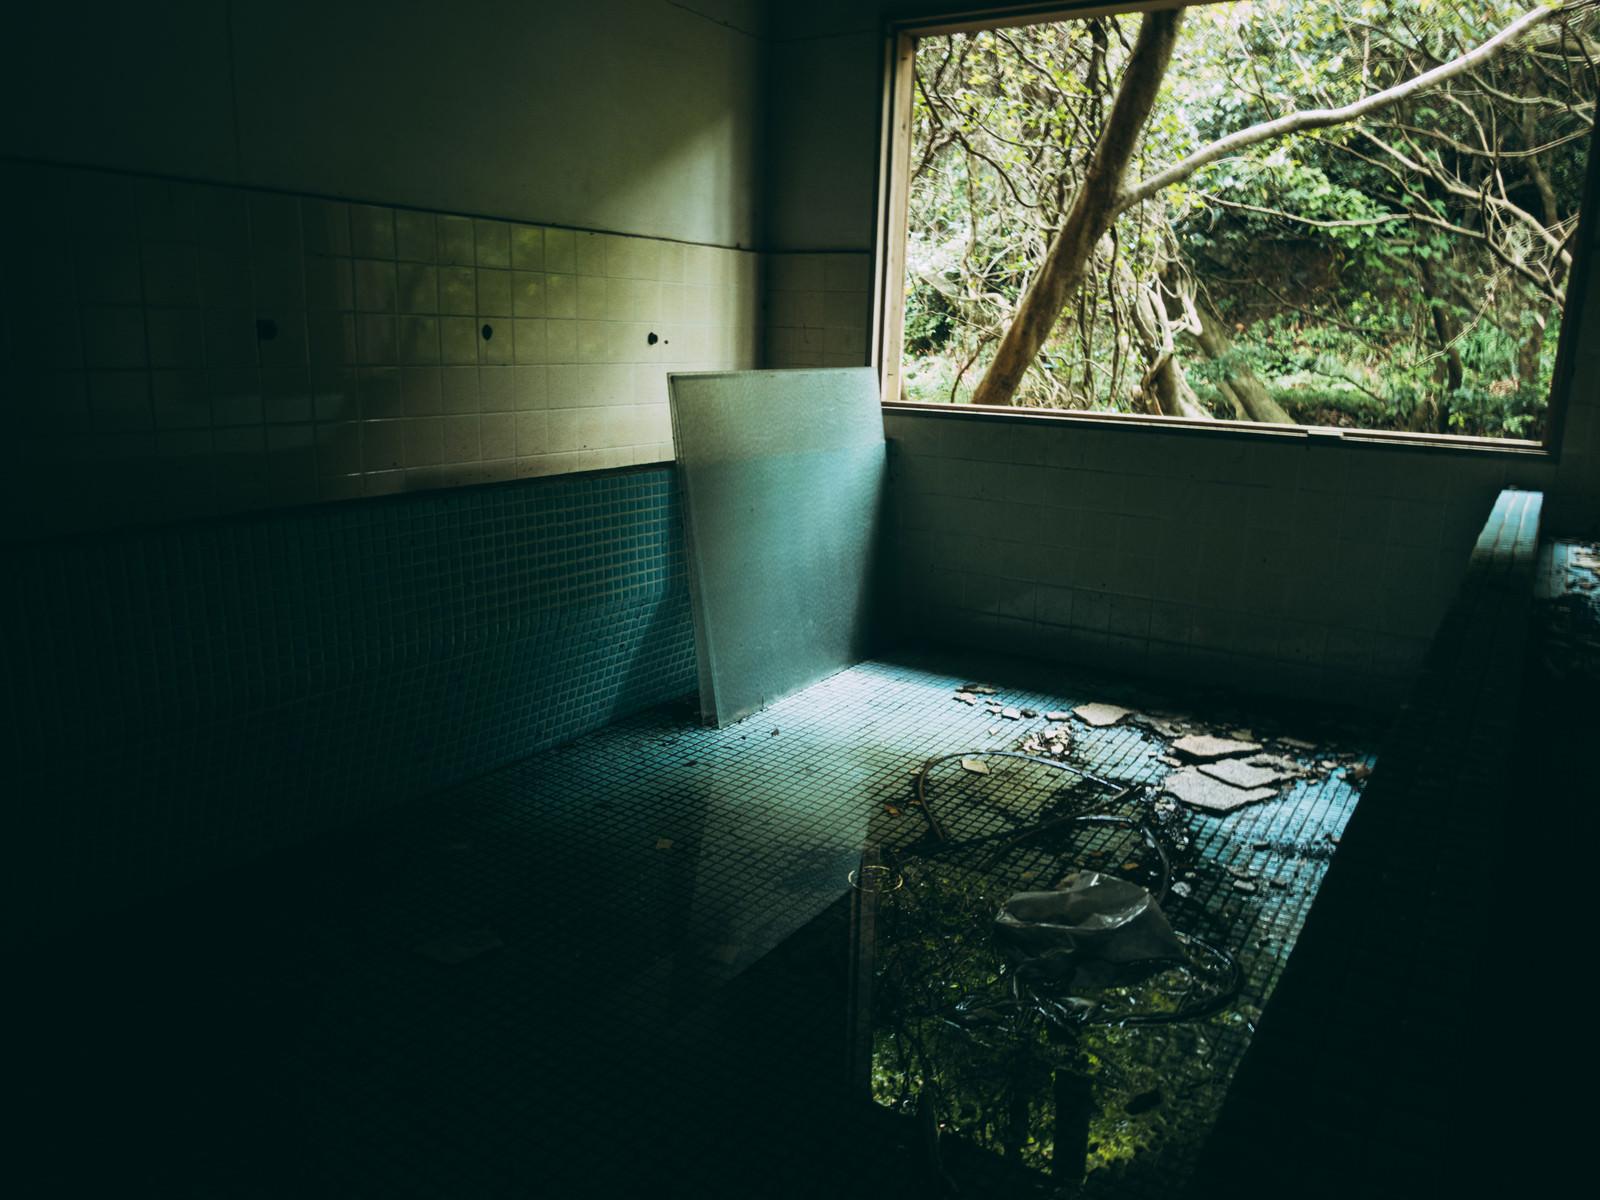 「セメントタイルの水たまりに反映する風景」の写真